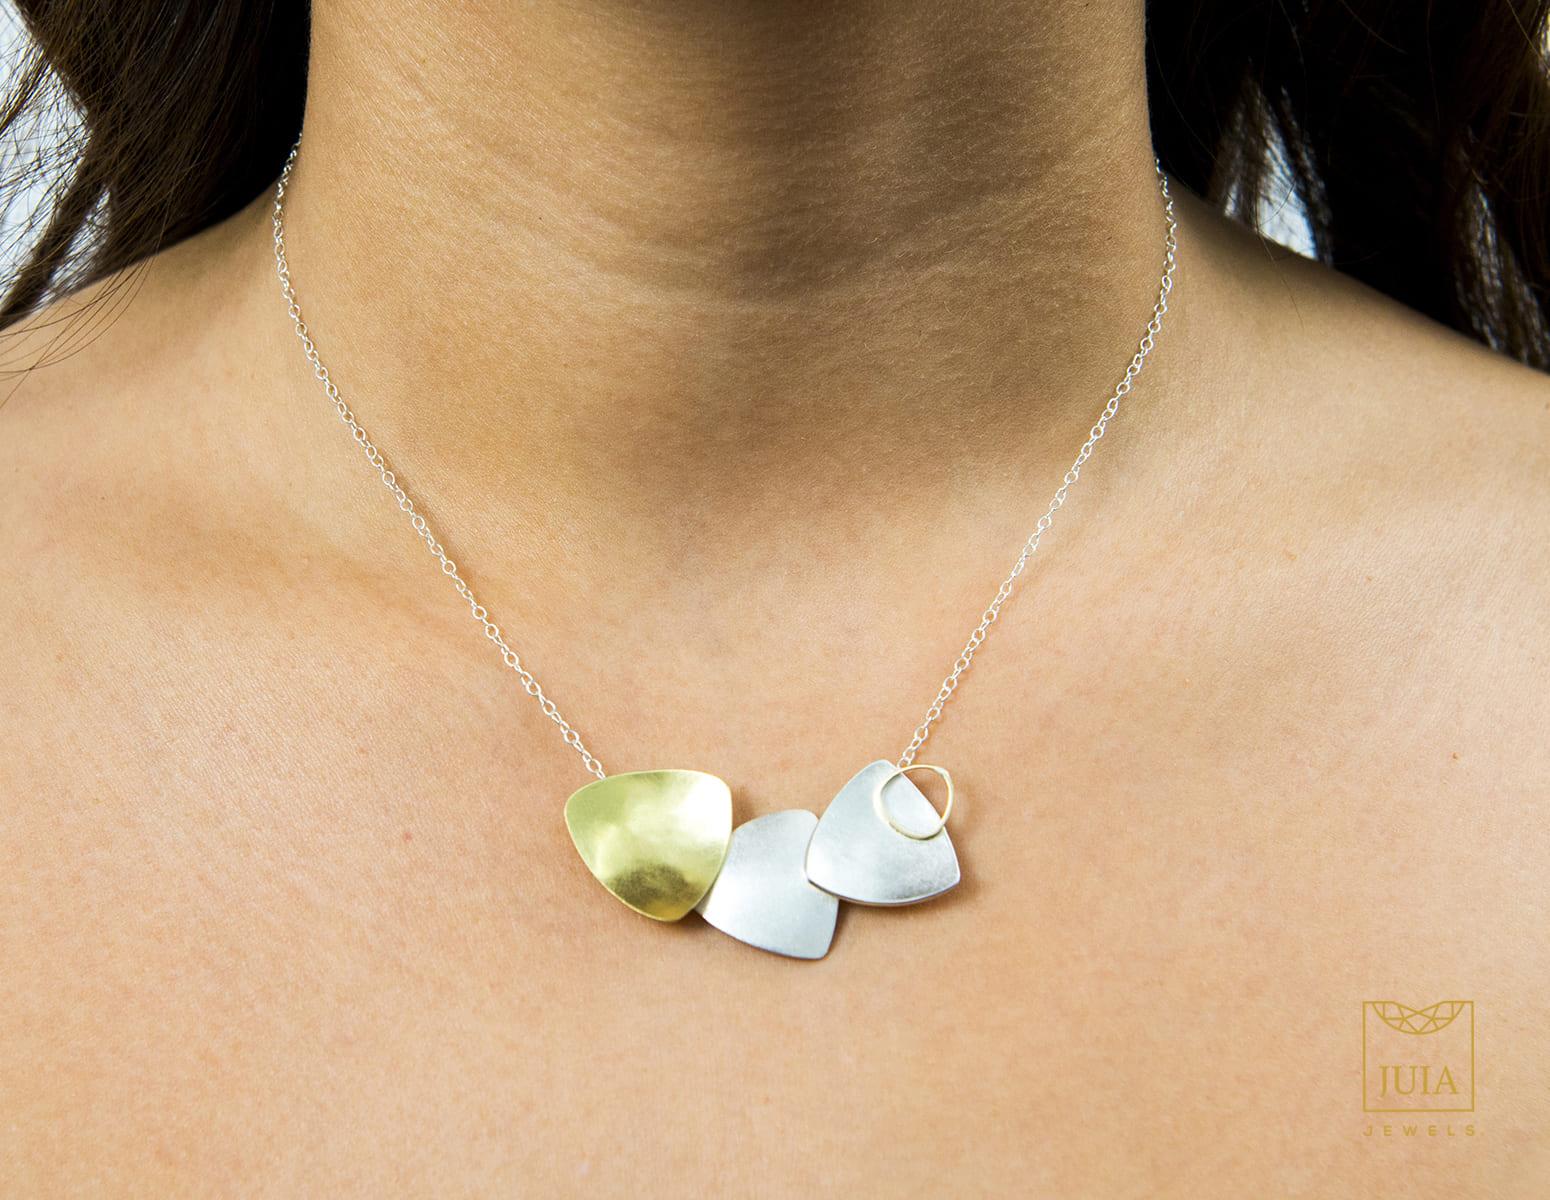 collar de oro para boda, juia jewels barcelona, comprar collar de oro y plata de diseño, collar de boda, joyeria etica, fairmined, joyasmarket